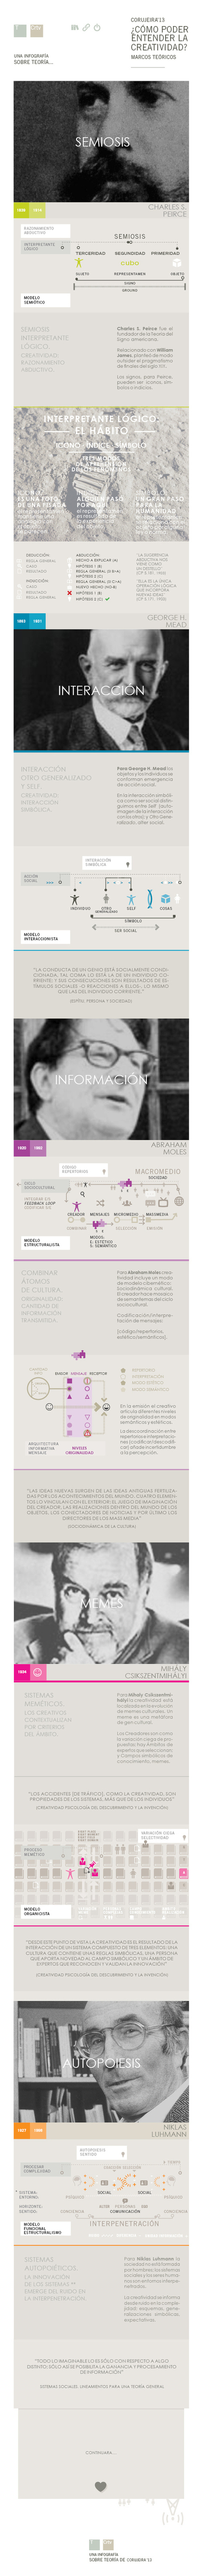 Teorías para la Creatividad #infografia #infographic #recomiendo | ZEHARKAko GAITASUNEZ | Scoop.it